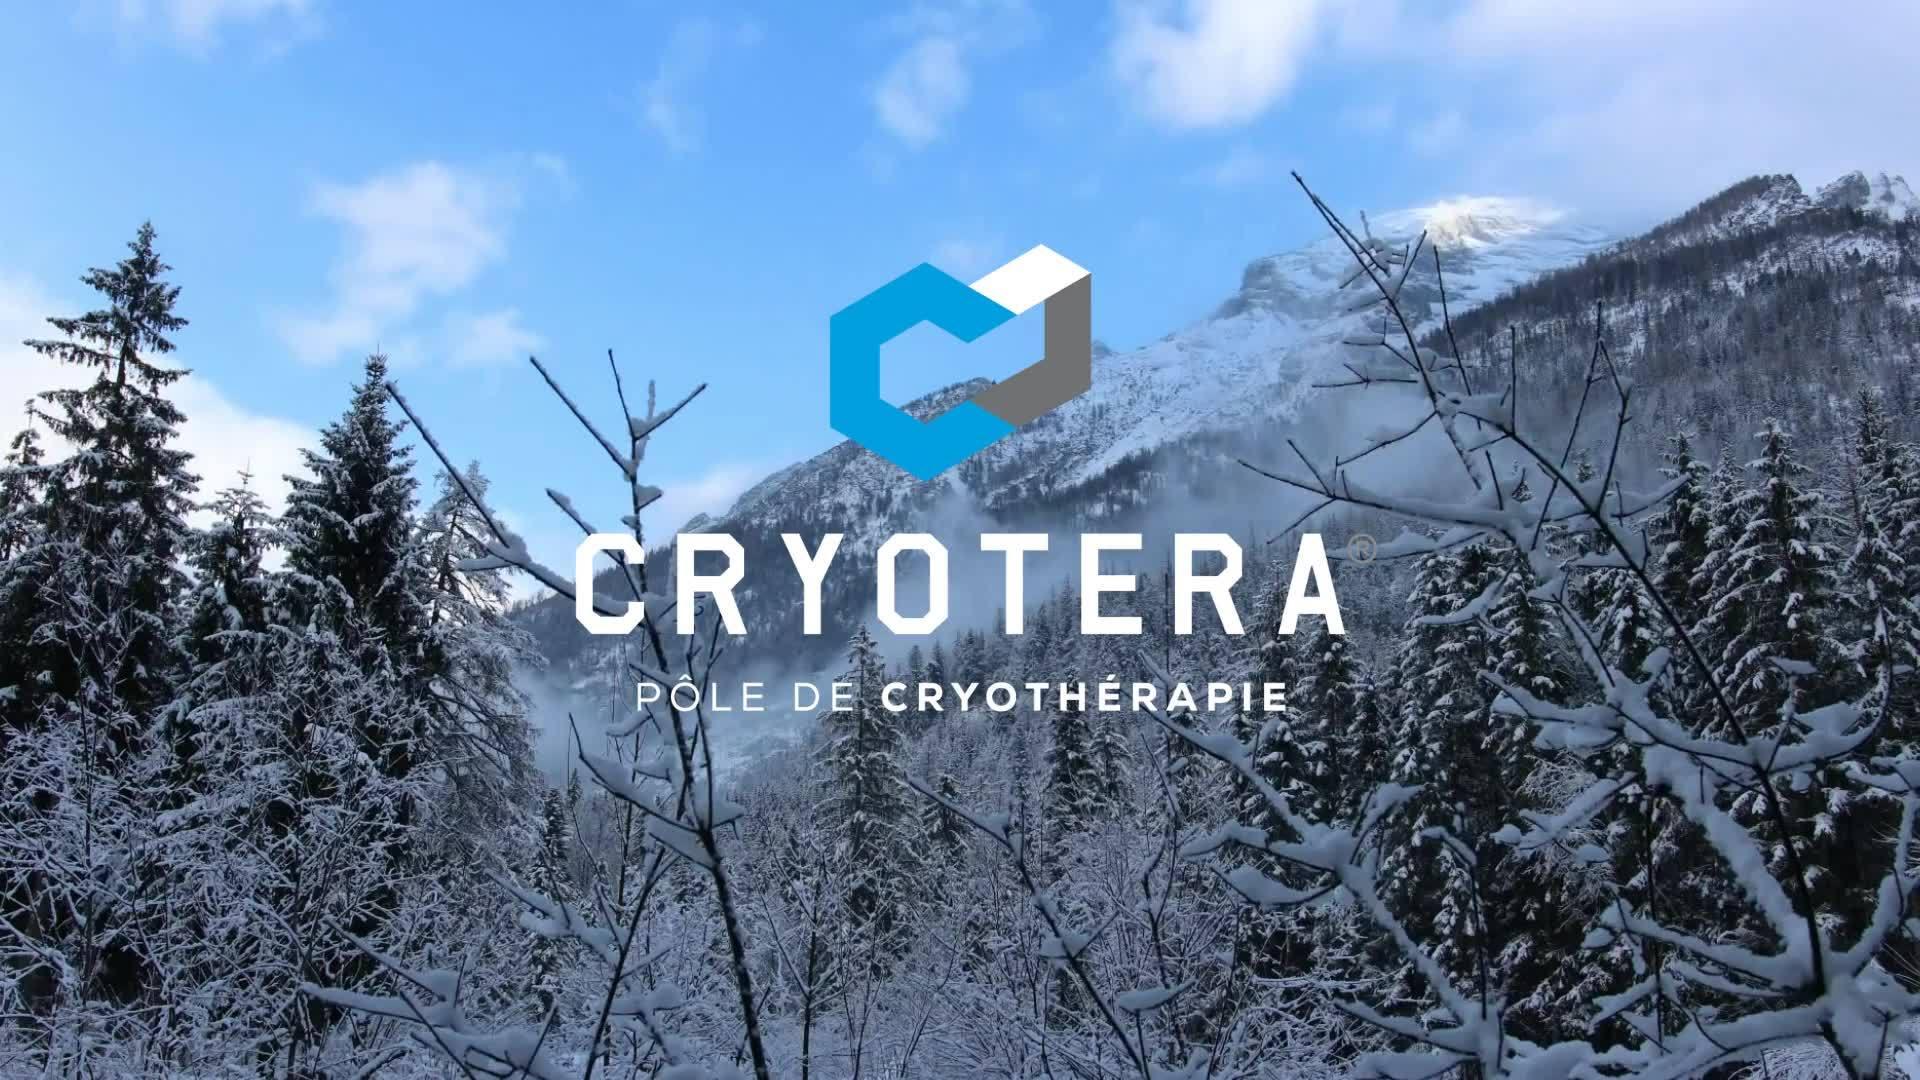 cryotera dijon6